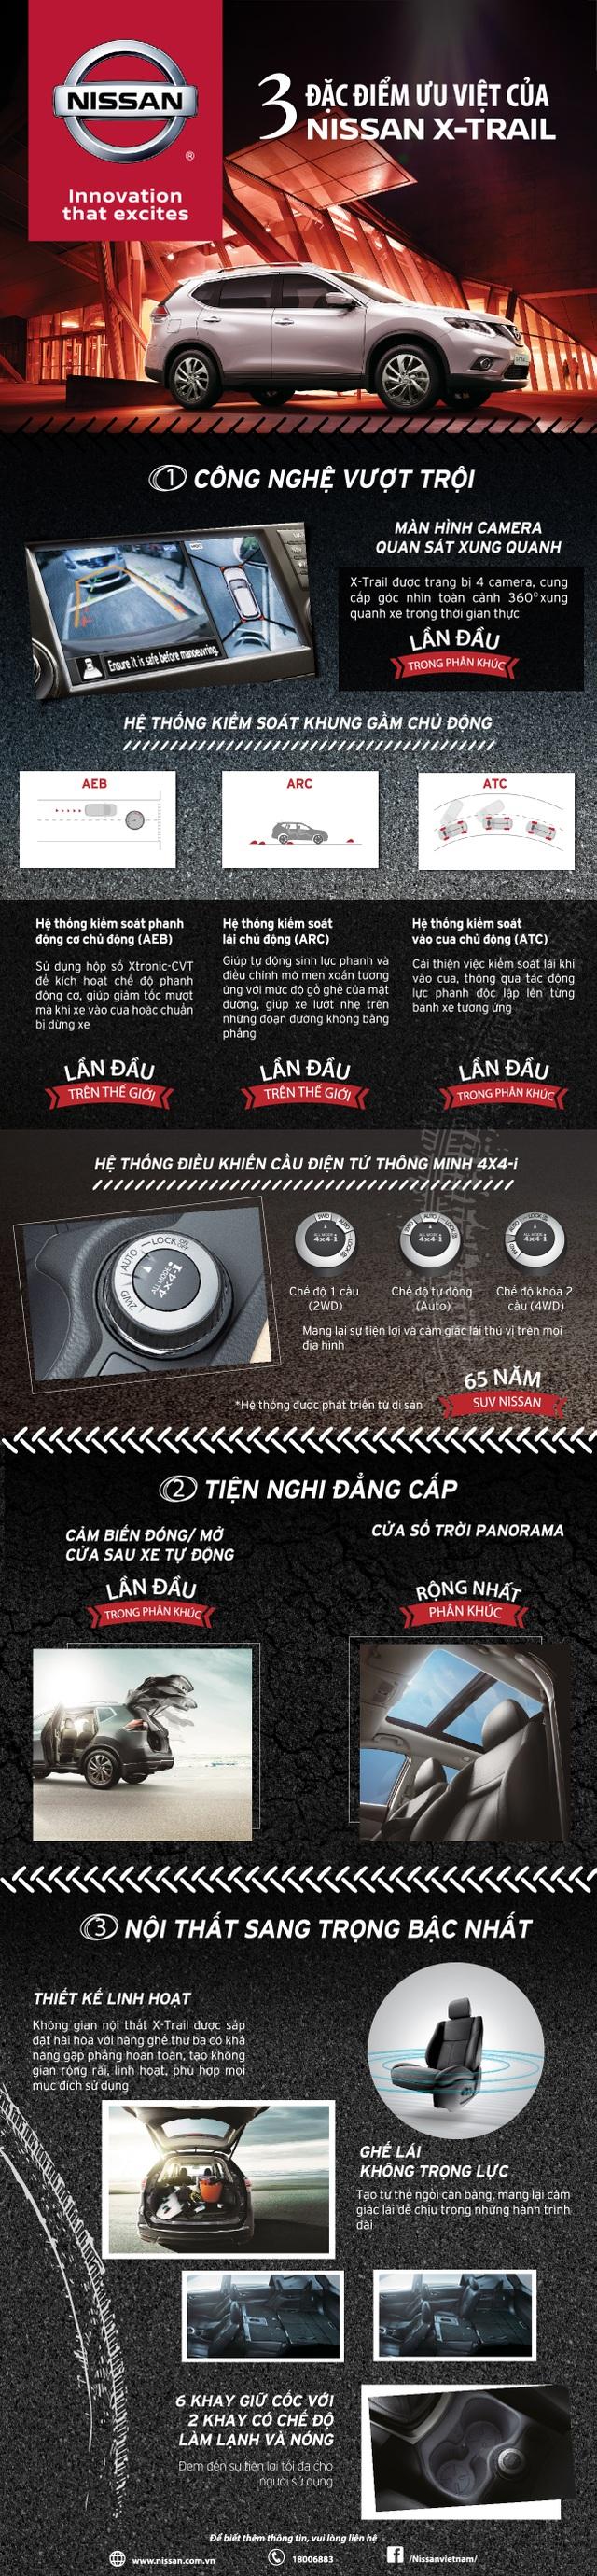 3 đặc điểm ưu việt của Nissan X-Trail - 2